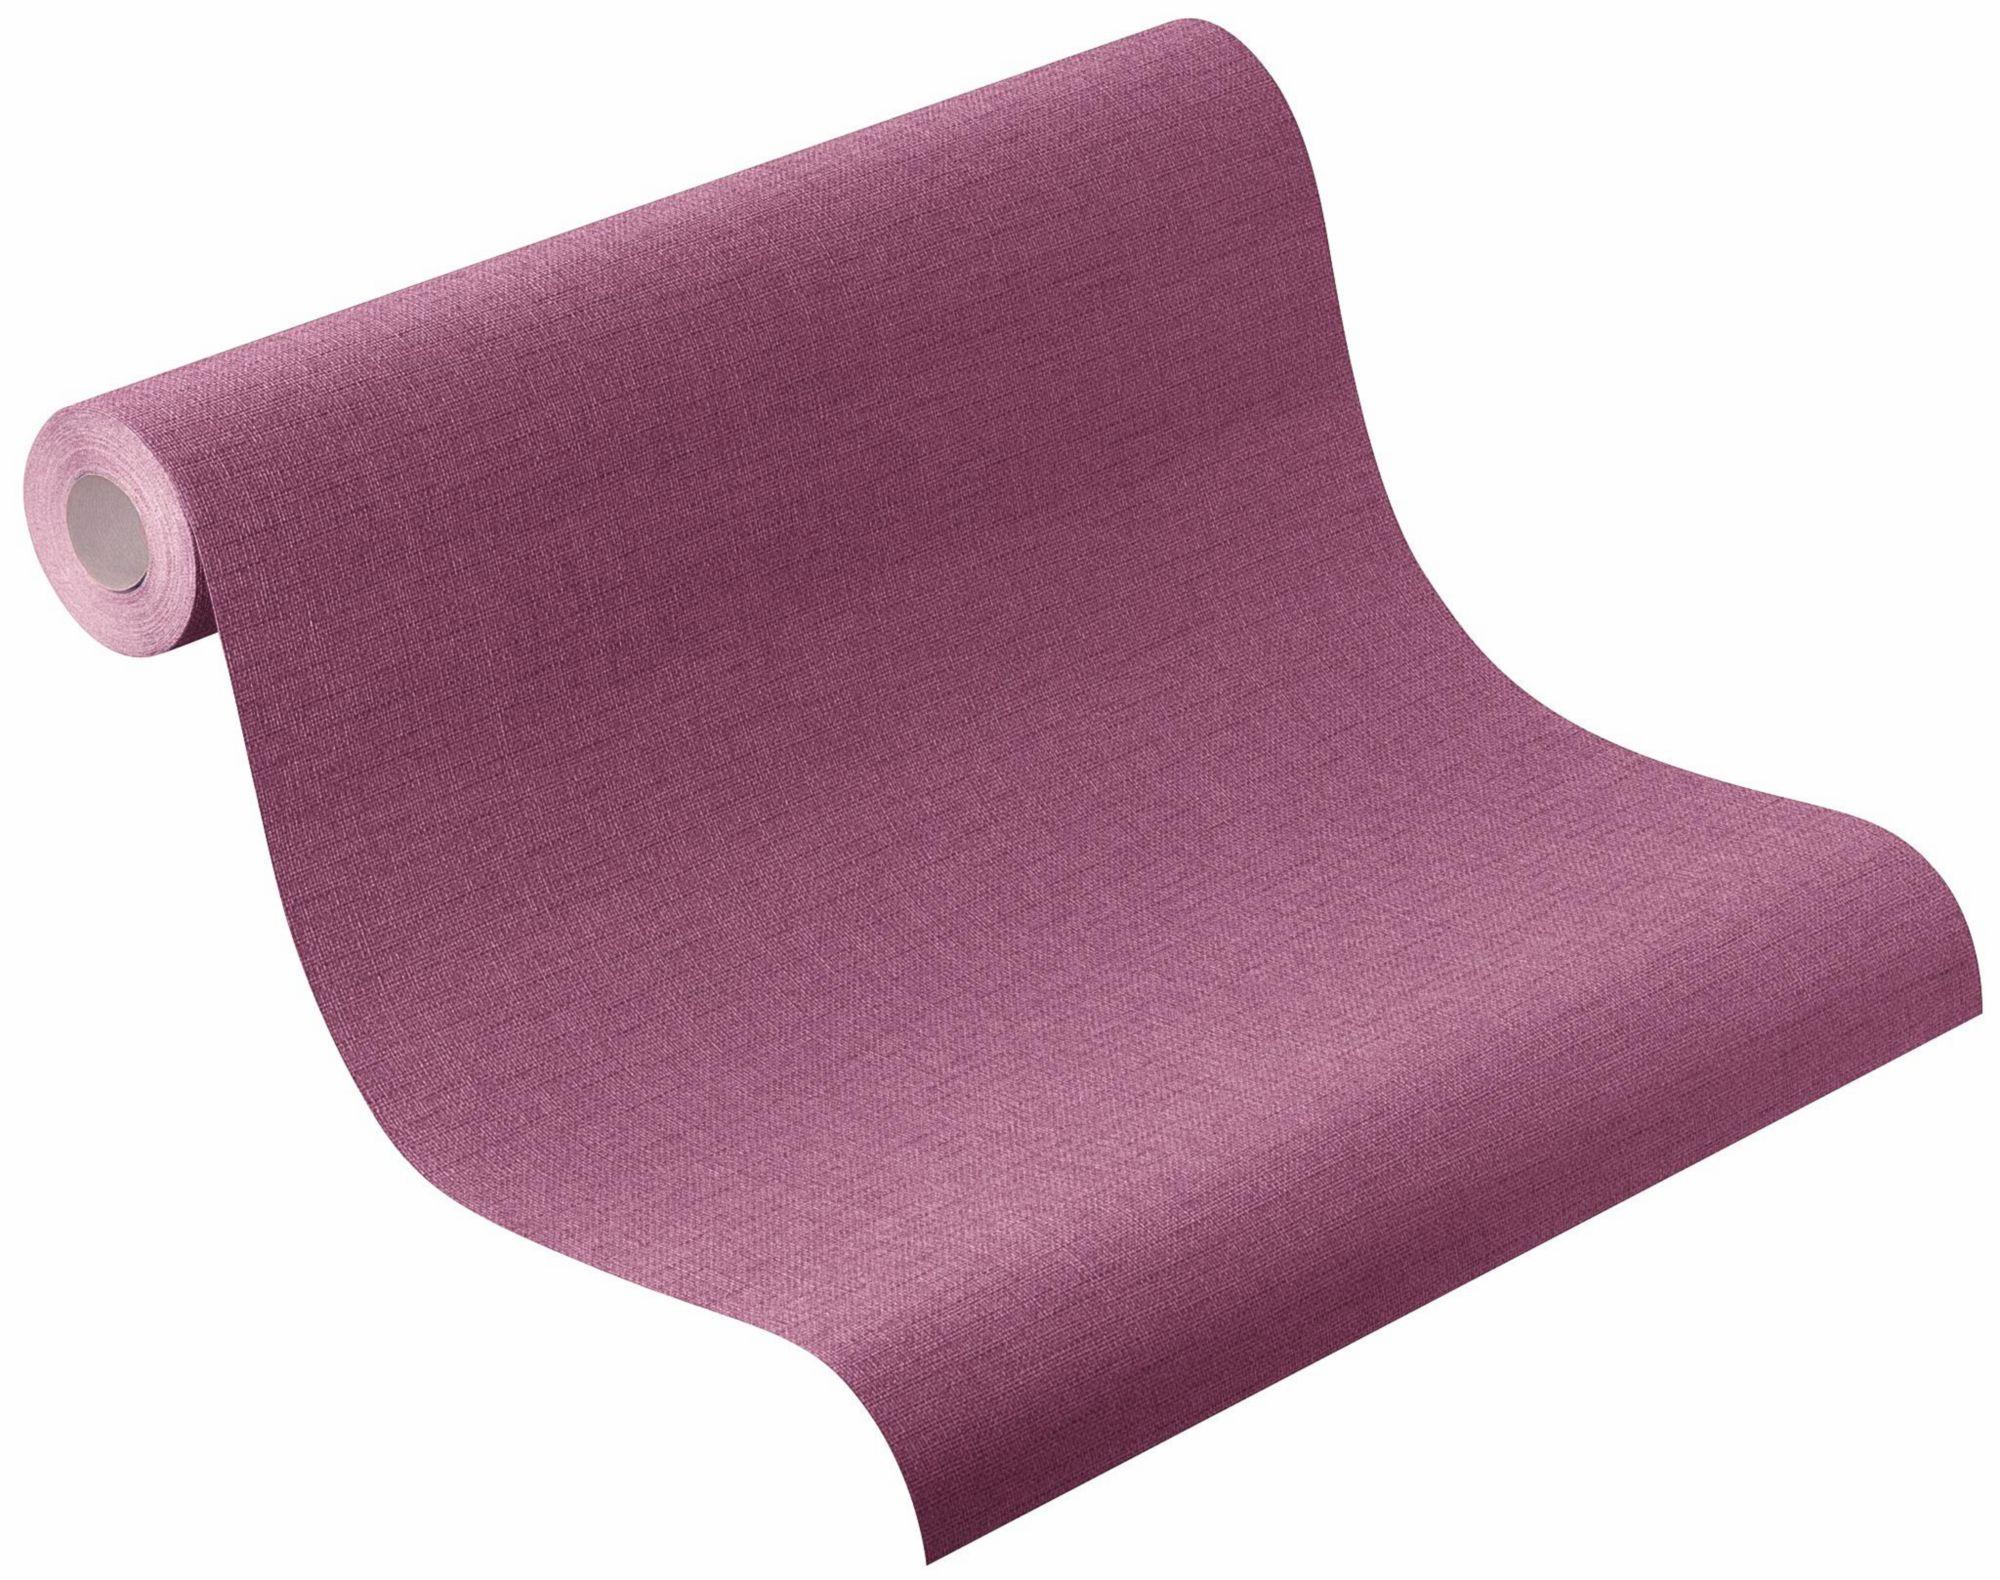 tapeten g nstig online kaufen beim schwab versand. Black Bedroom Furniture Sets. Home Design Ideas